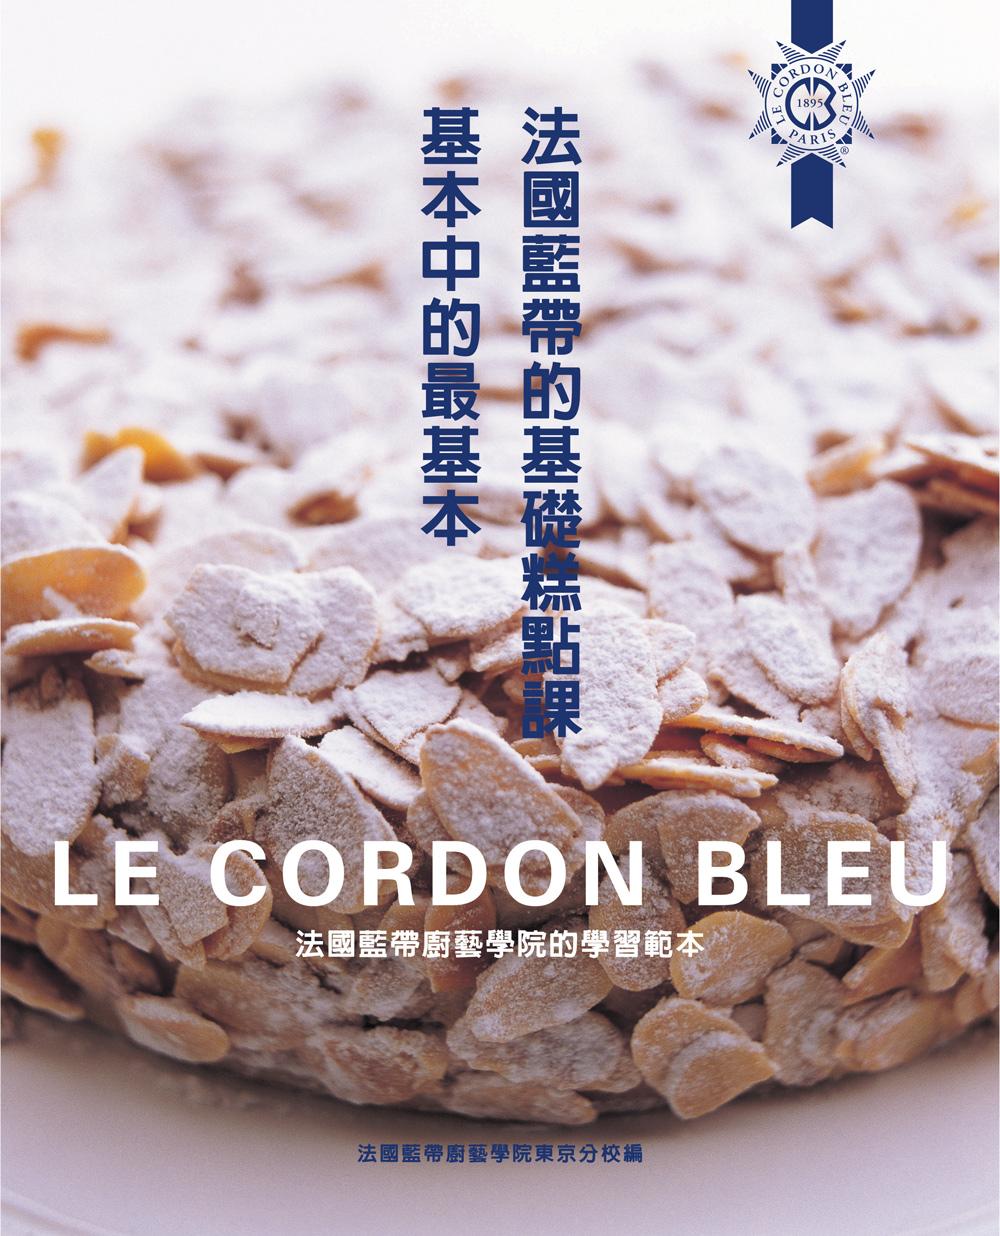 法國藍帶的基礎糕點課基本中的最基本